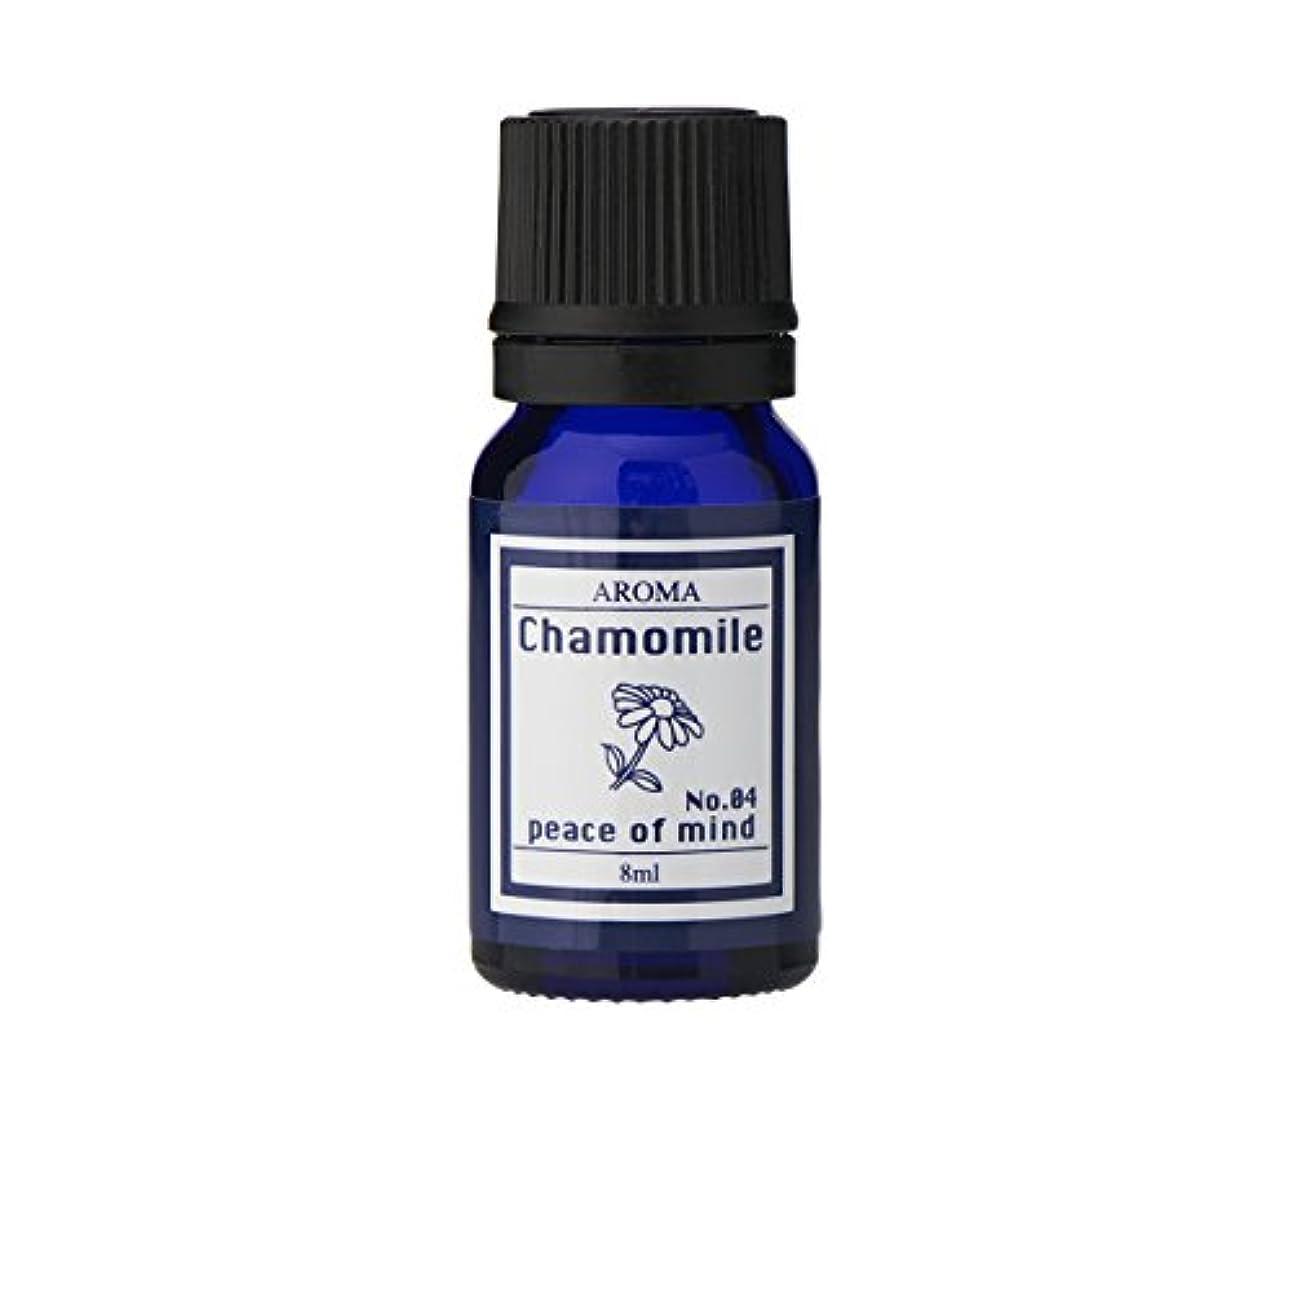 剥ぎ取る忘れるほこりっぽいブルーラベル アロマエッセンス8ml カモマイル(アロマオイル 調合香料 芳香用)